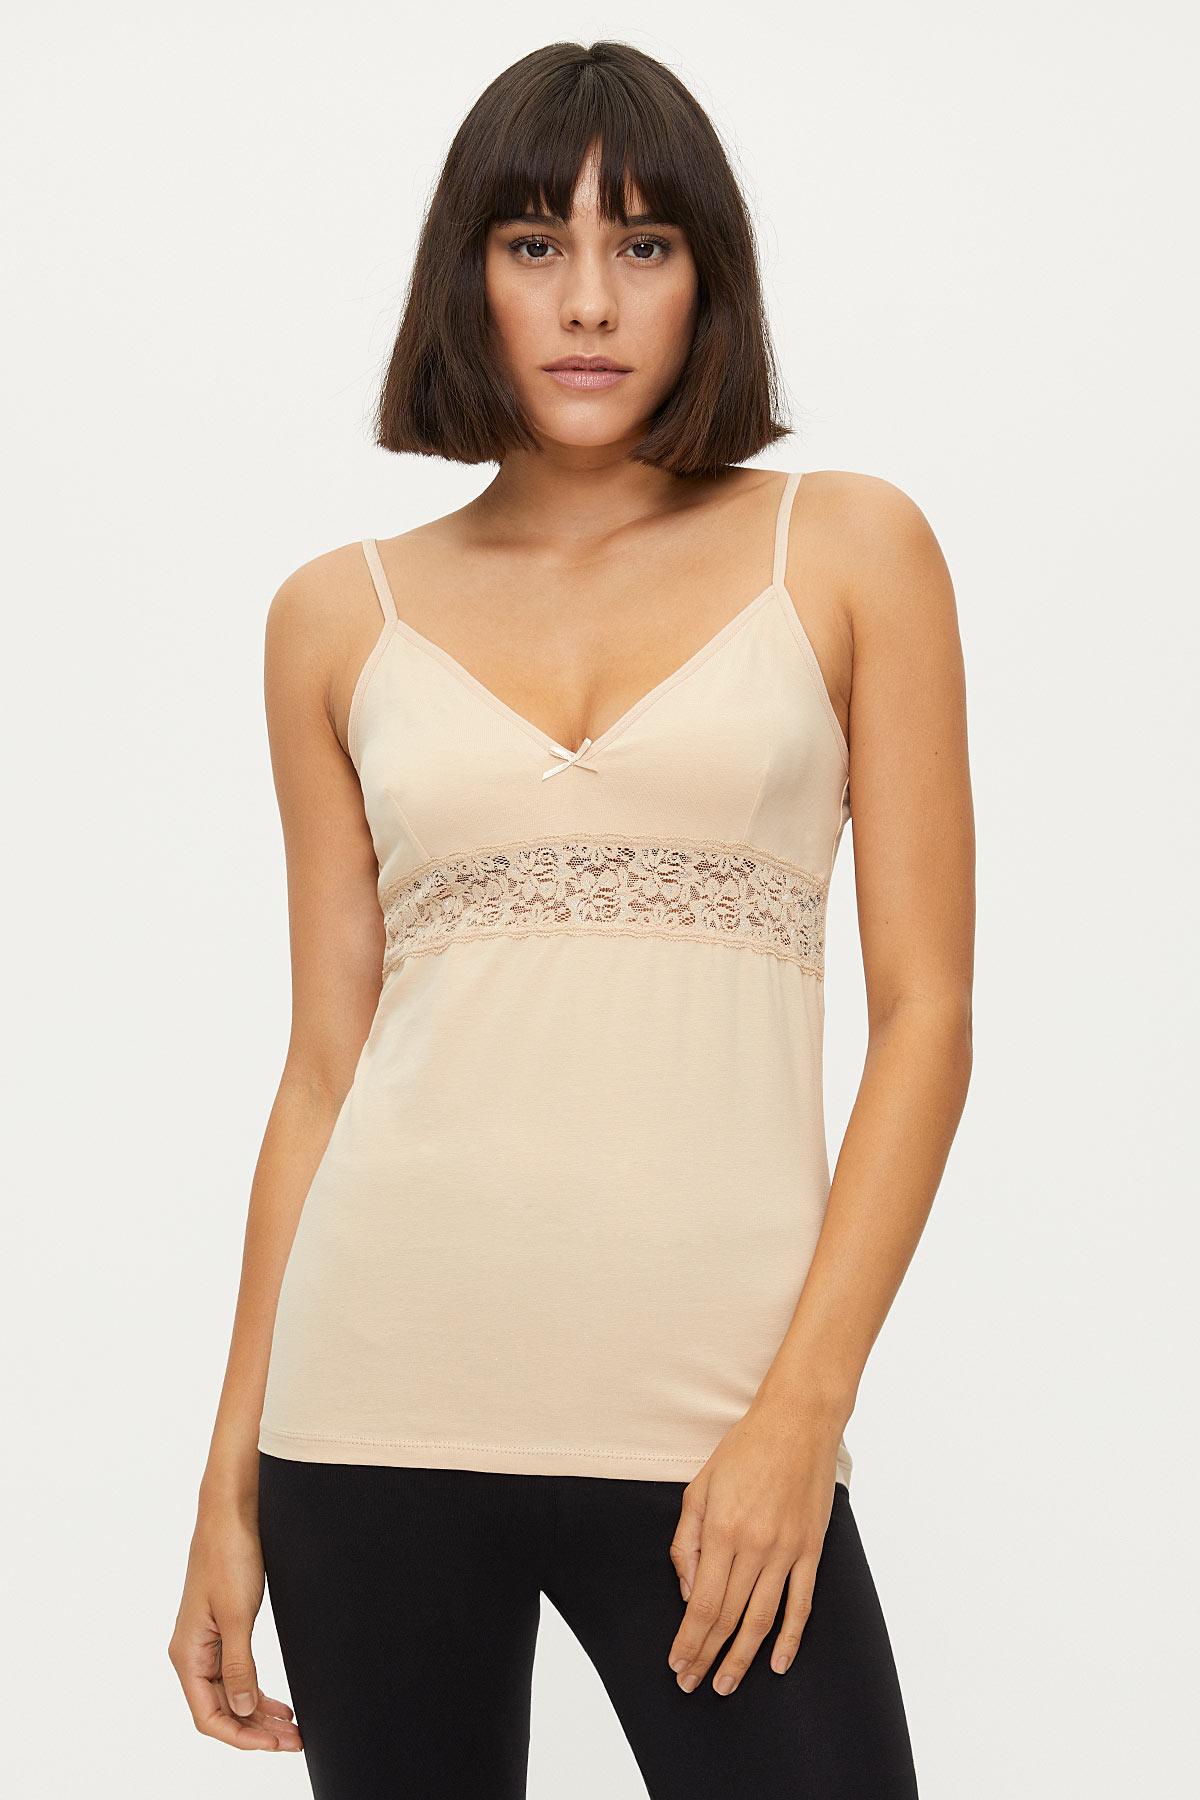 Bross - 1287 Lycra Strappy Lacy Damen Unterhemd